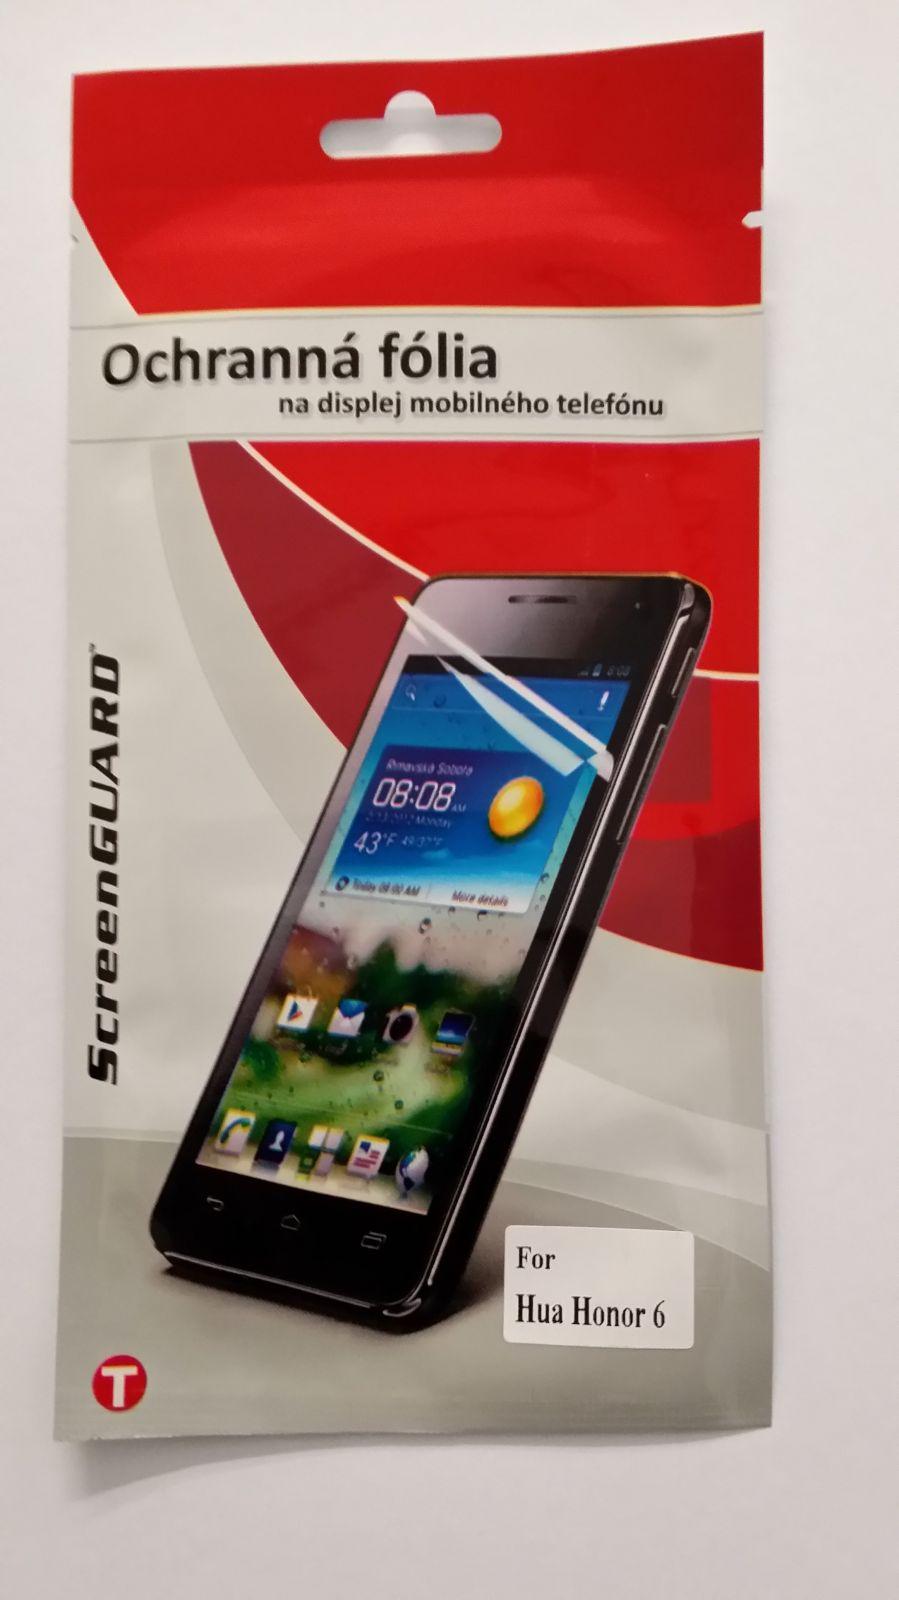 Ochranná folie Mobilnet Huawei Honor 6